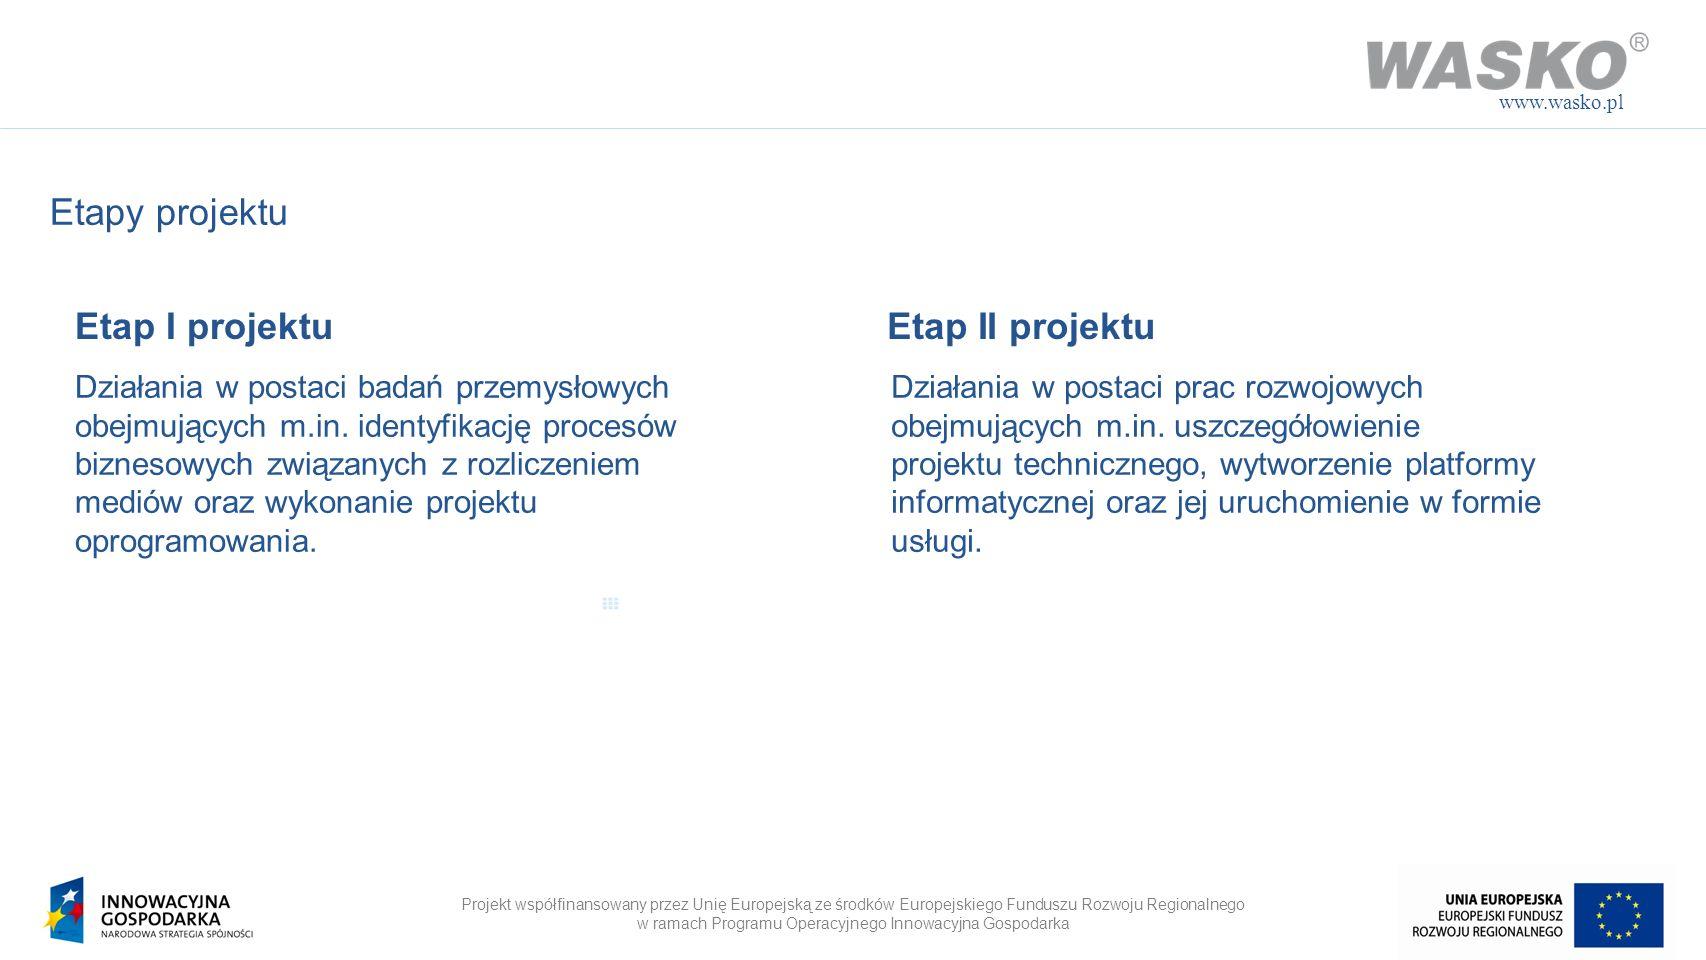 Projekt współfinansowany przez Unię Europejską ze środków Europejskiego Funduszu Rozwoju Regionalnego w ramach Programu Operacyjnego Innowacyjna Gospodarka www.wasko.pl Definicja Systemu NOP Kompleksowa platforma informatyczna wspierająca wytwórcę, sprzedawcę, operatora w zakresie pozyskiwania danych pomiarowych, rozliczenia usług oraz obsługi odbiorców końcowych.